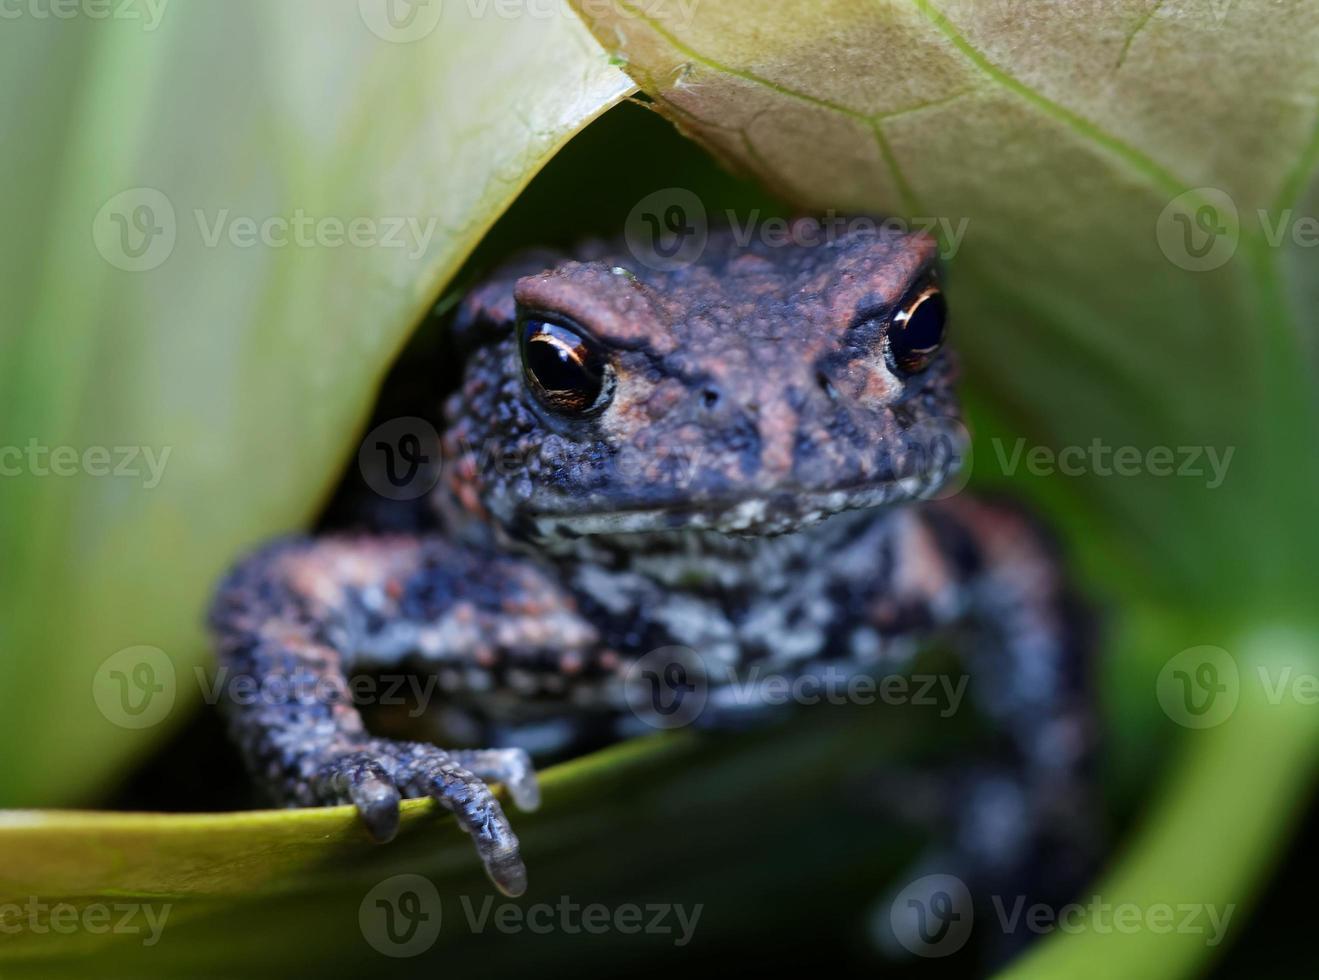 baby kikker op een groen blad met vingers foto